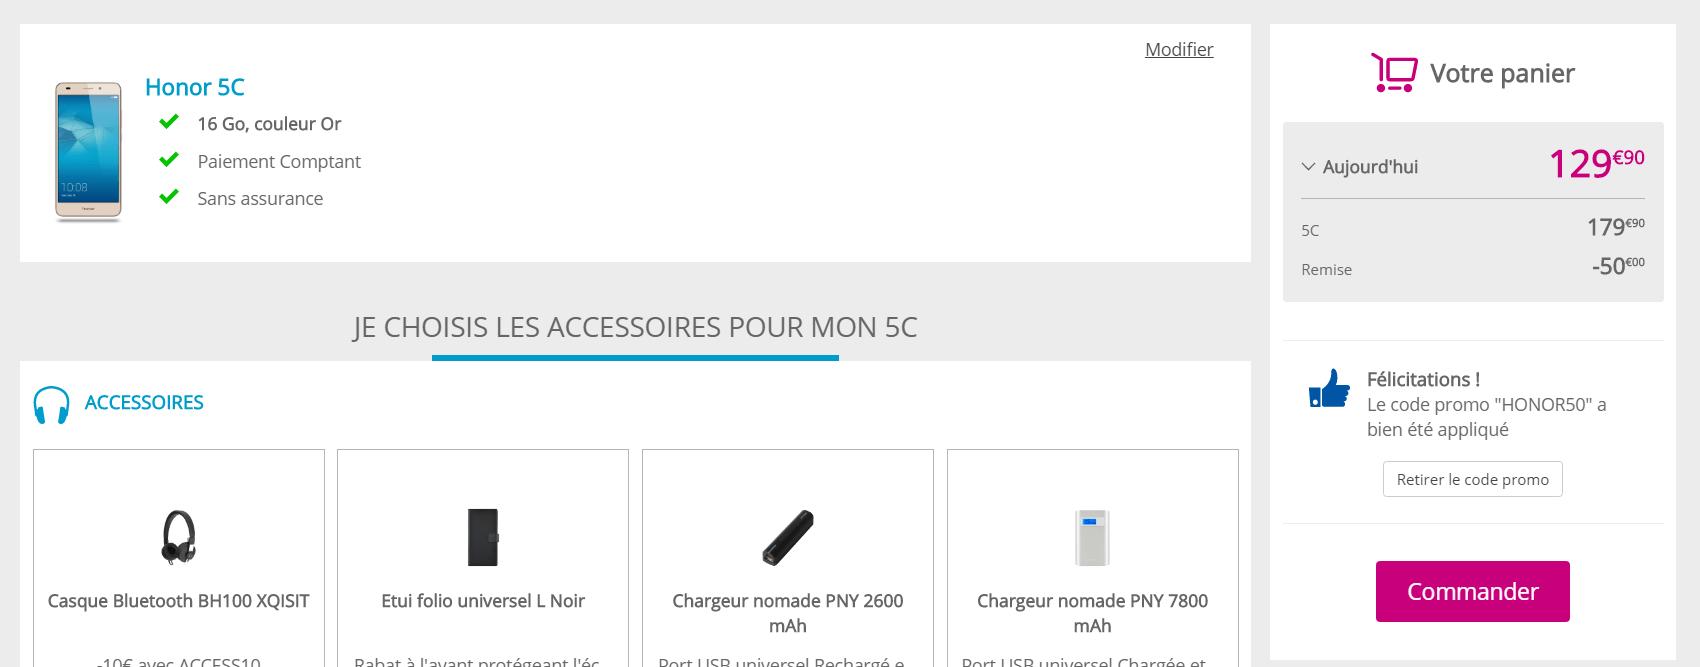 🔥 Bon plan Black Friday : Honor 5C à 129 euros chez Bouygues Telecom (débloqué)